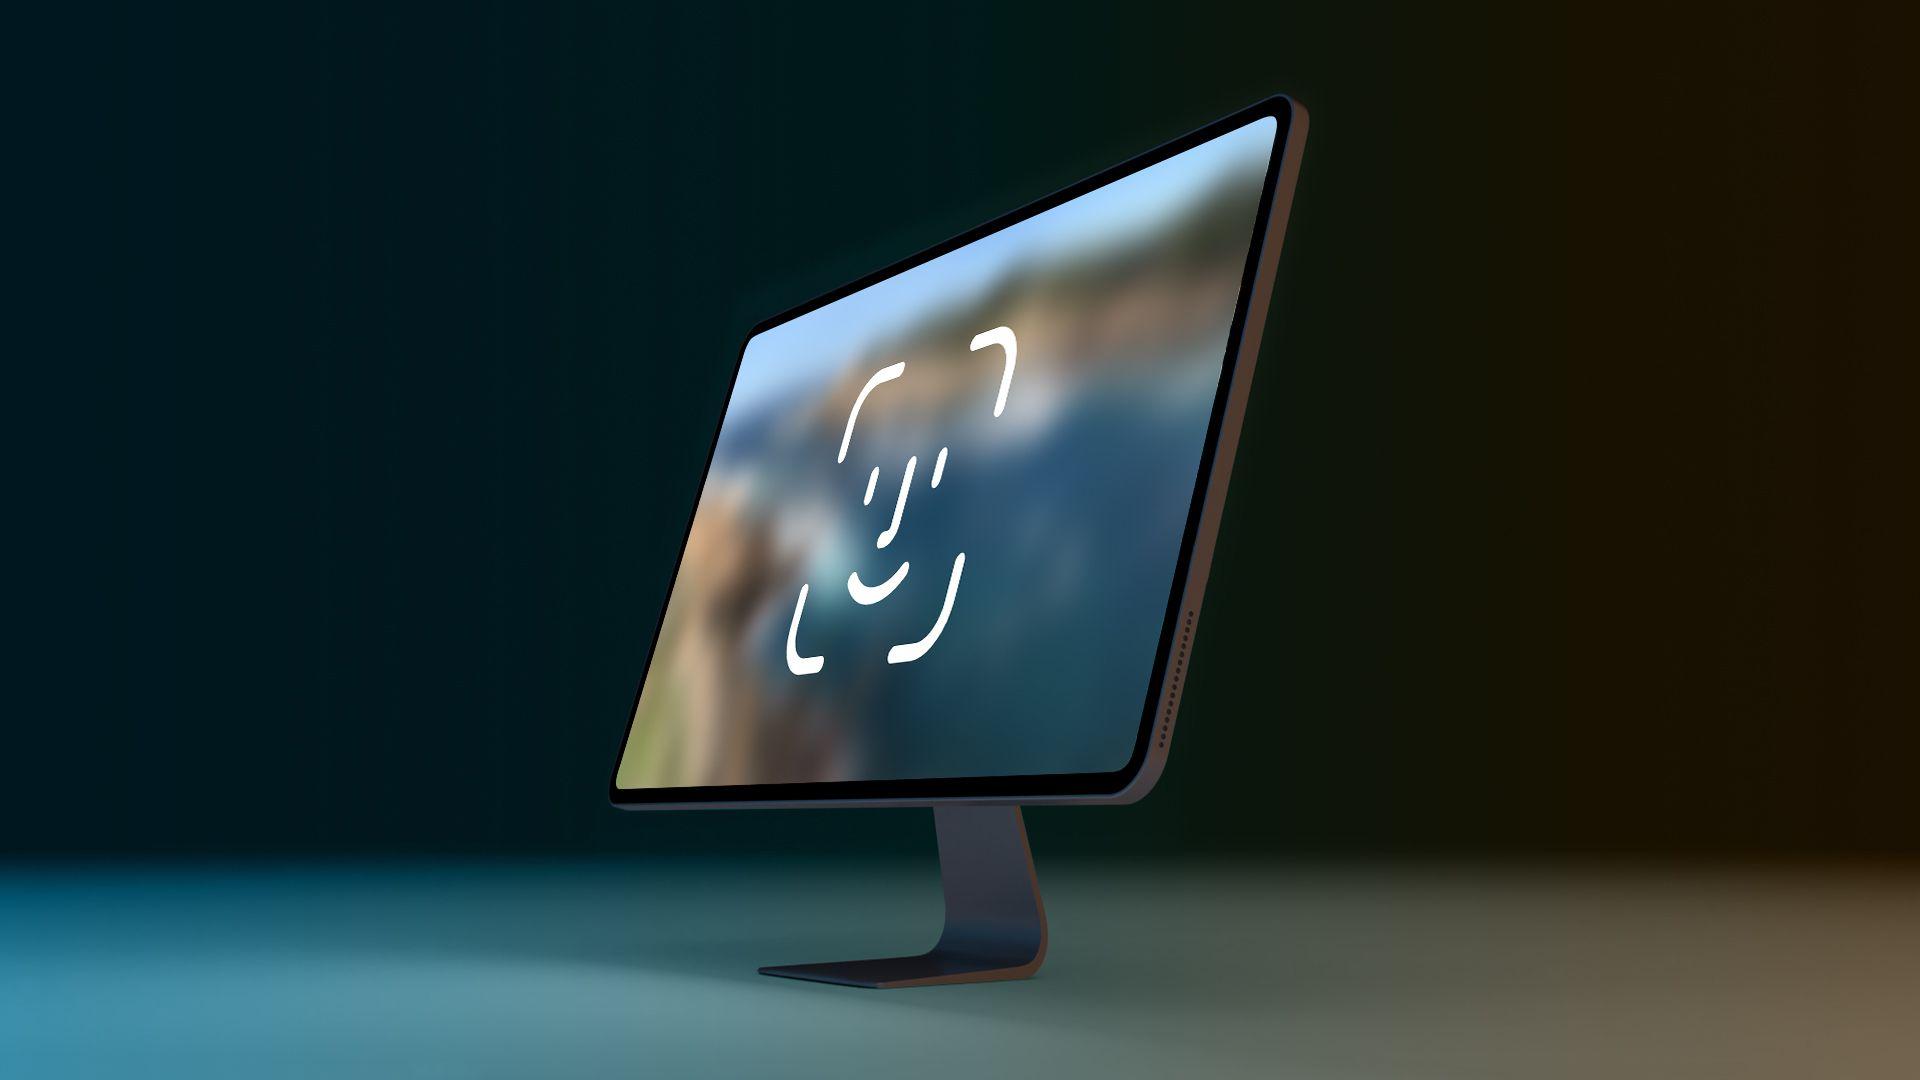 Судя по слухам, FaceID станет основой авторизации пользователя для всей техники Эппл. Всей - это включая настольные компьютеры и ноутбуки. И это крутая новость, хотя если честно, мне комфортнее с отпечатком пальца. Но вообще логика понятна - лицо действите